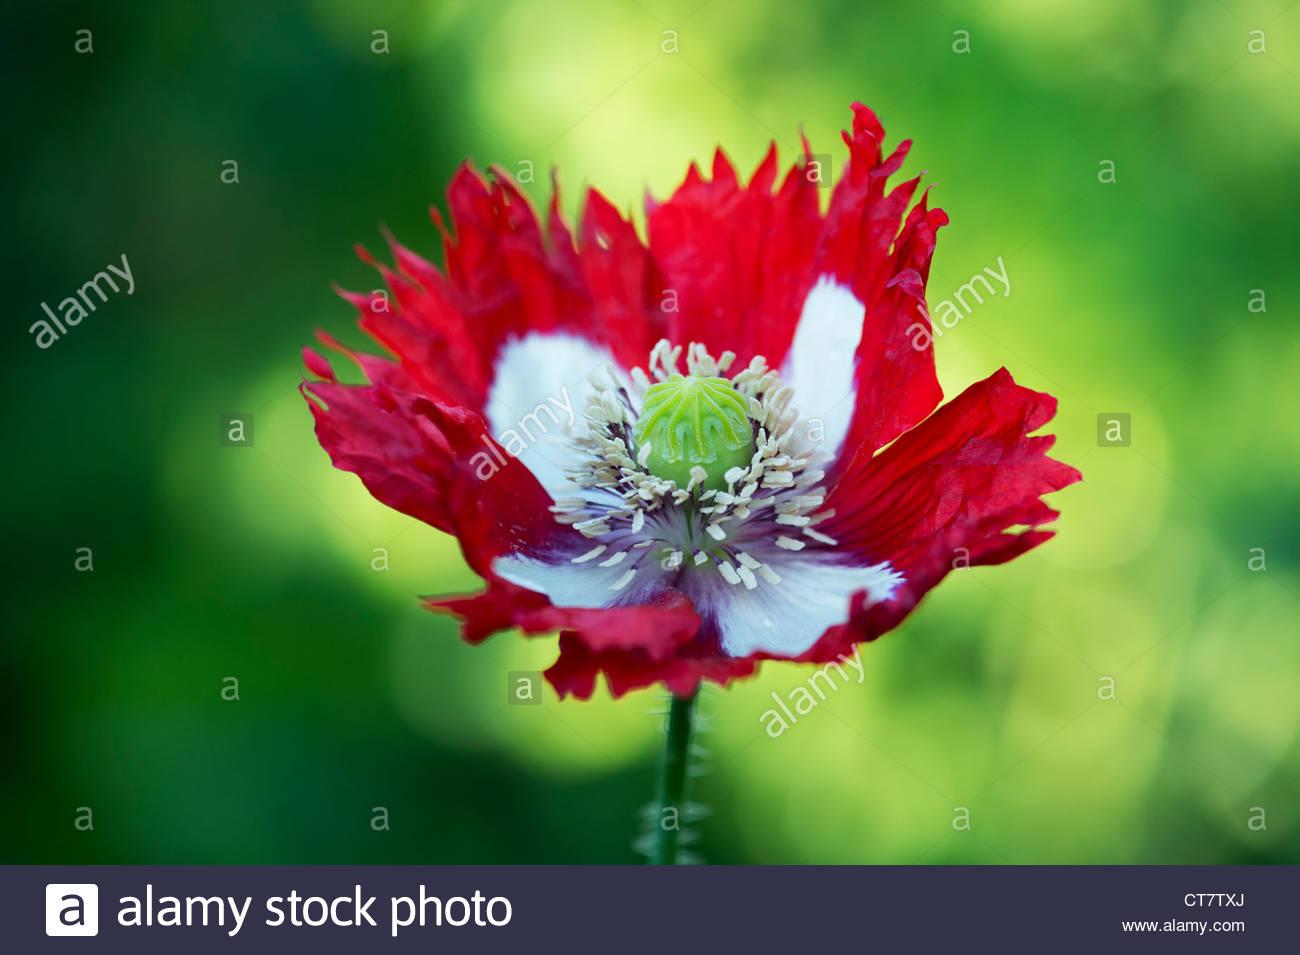 Papaver Somniferum Victoria Cross Poppy Flower Against Green Stock